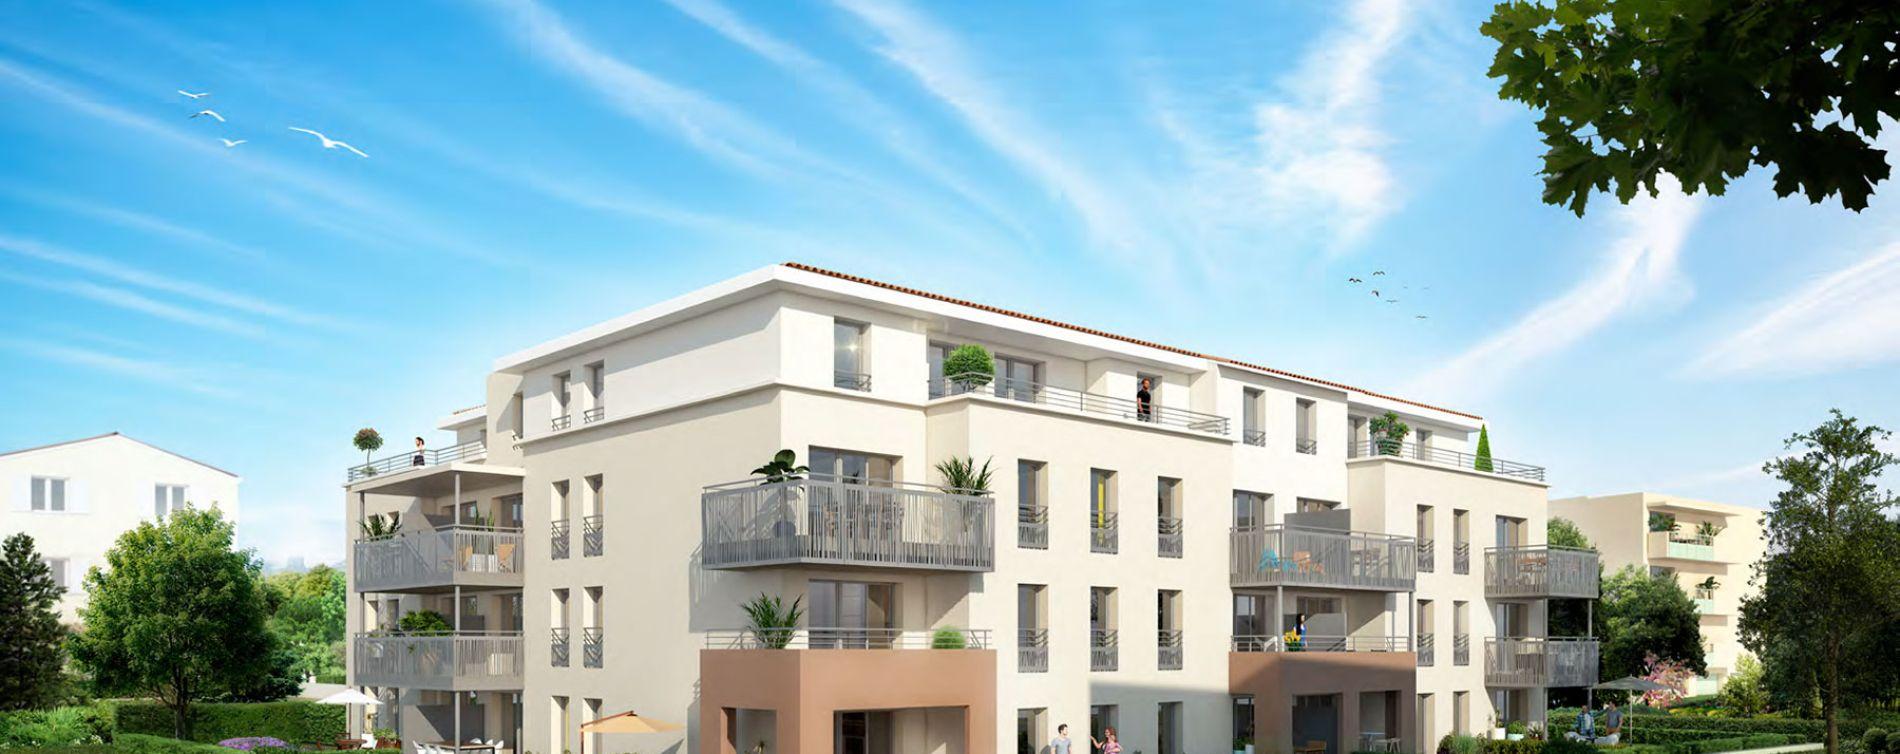 Résidence Villa Raynaud à Six-Fours-les-Plages